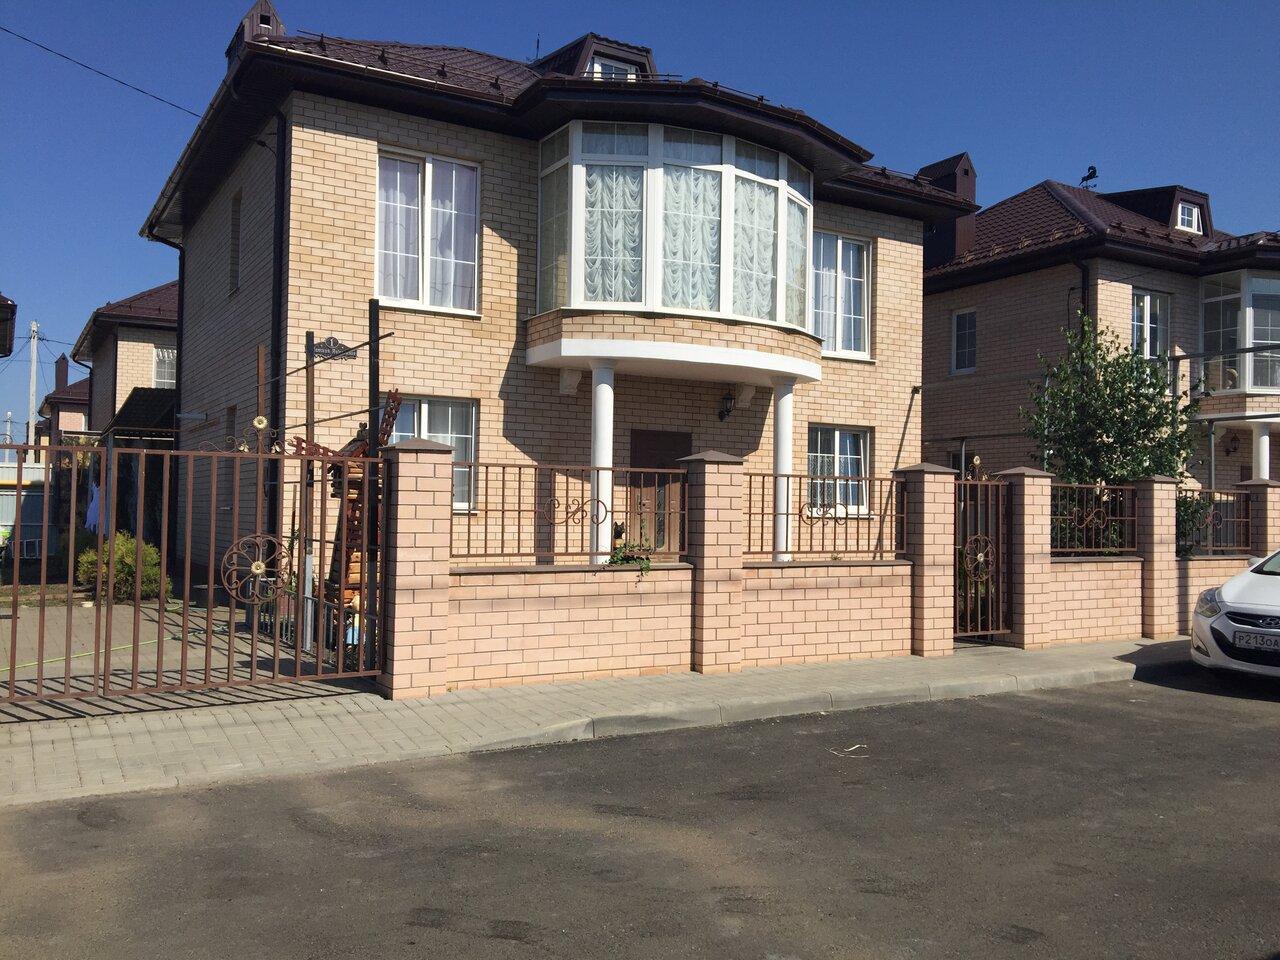 интерфейсов это красивые дома в краснодарском крае фото гончаренко забежал квартиру